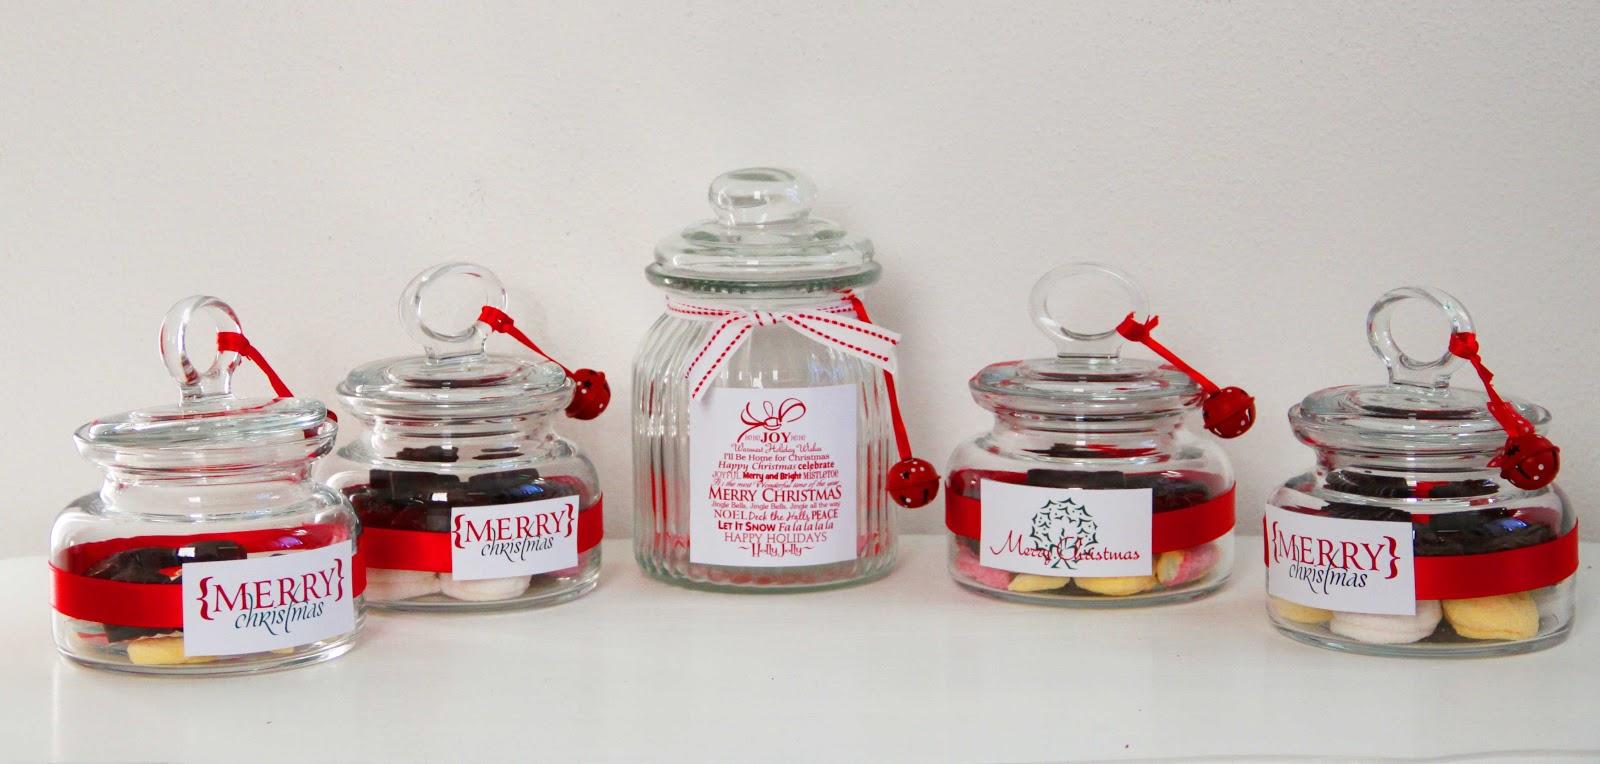 Favoloso Awesome Idee Regali Di Natale Fai Da Te Cucina Pictures - Home  PS44